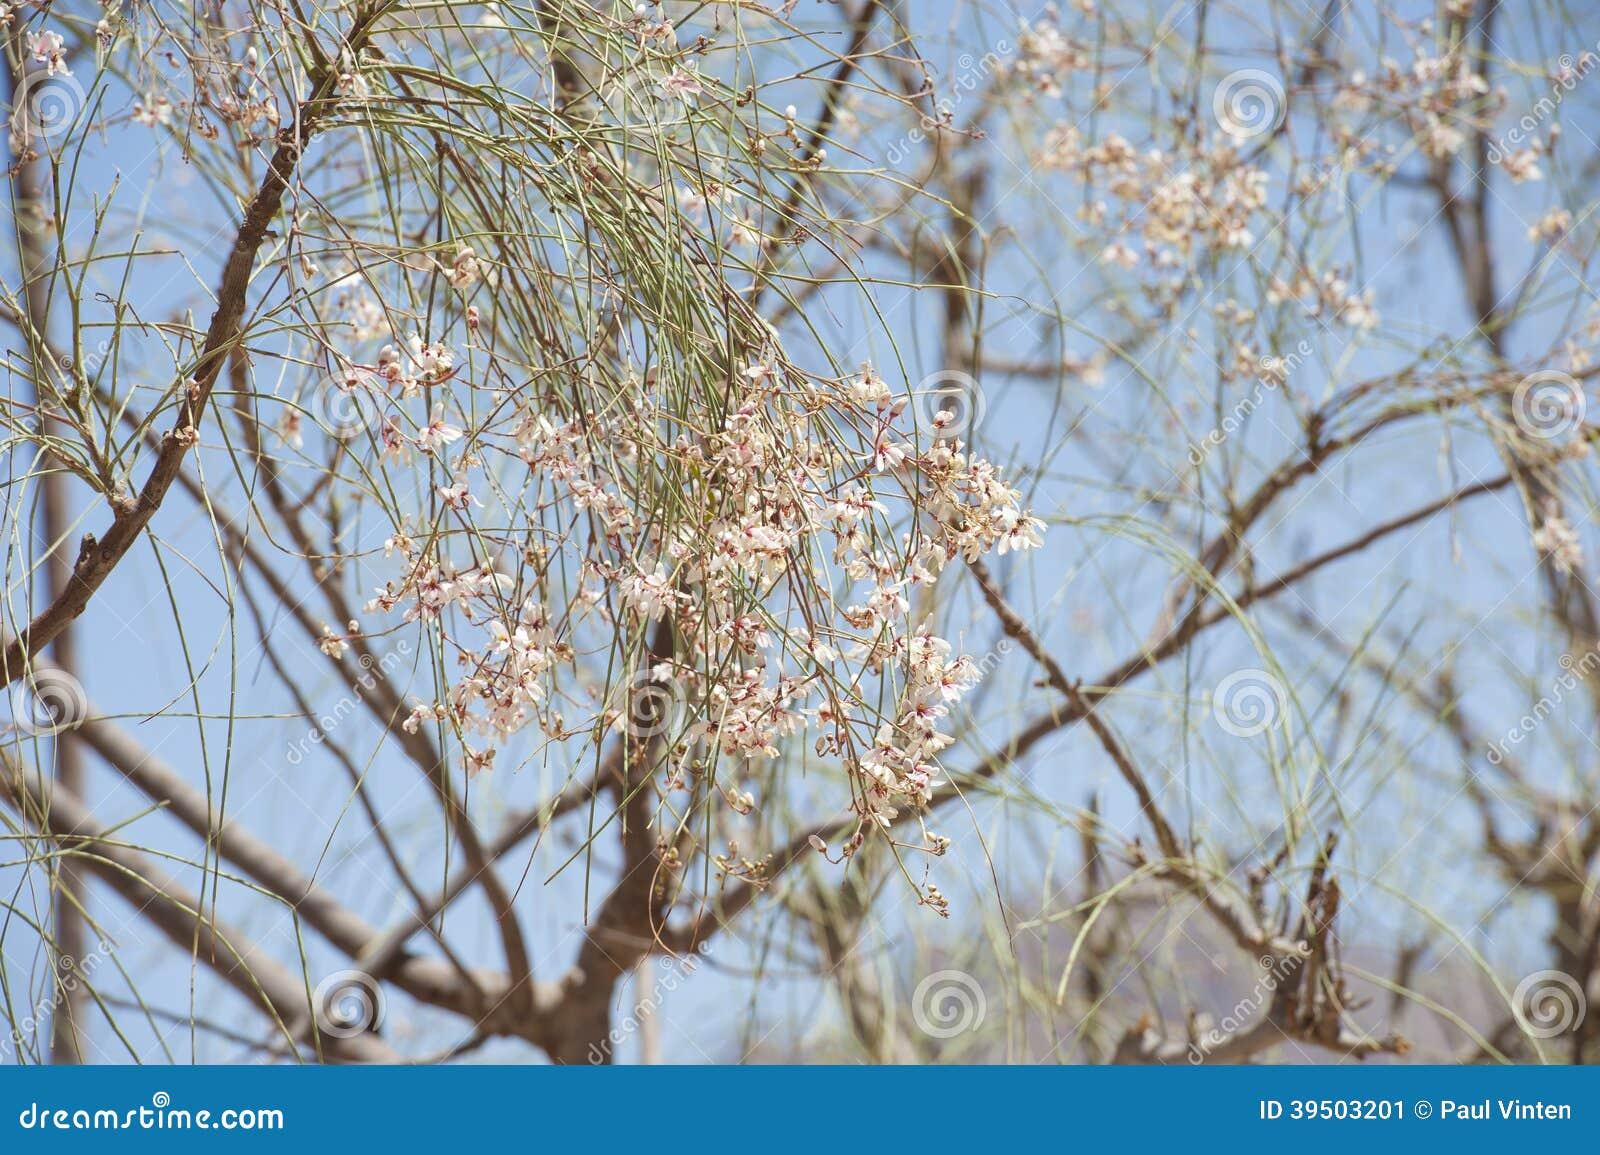 Flower blossom on a desert tree